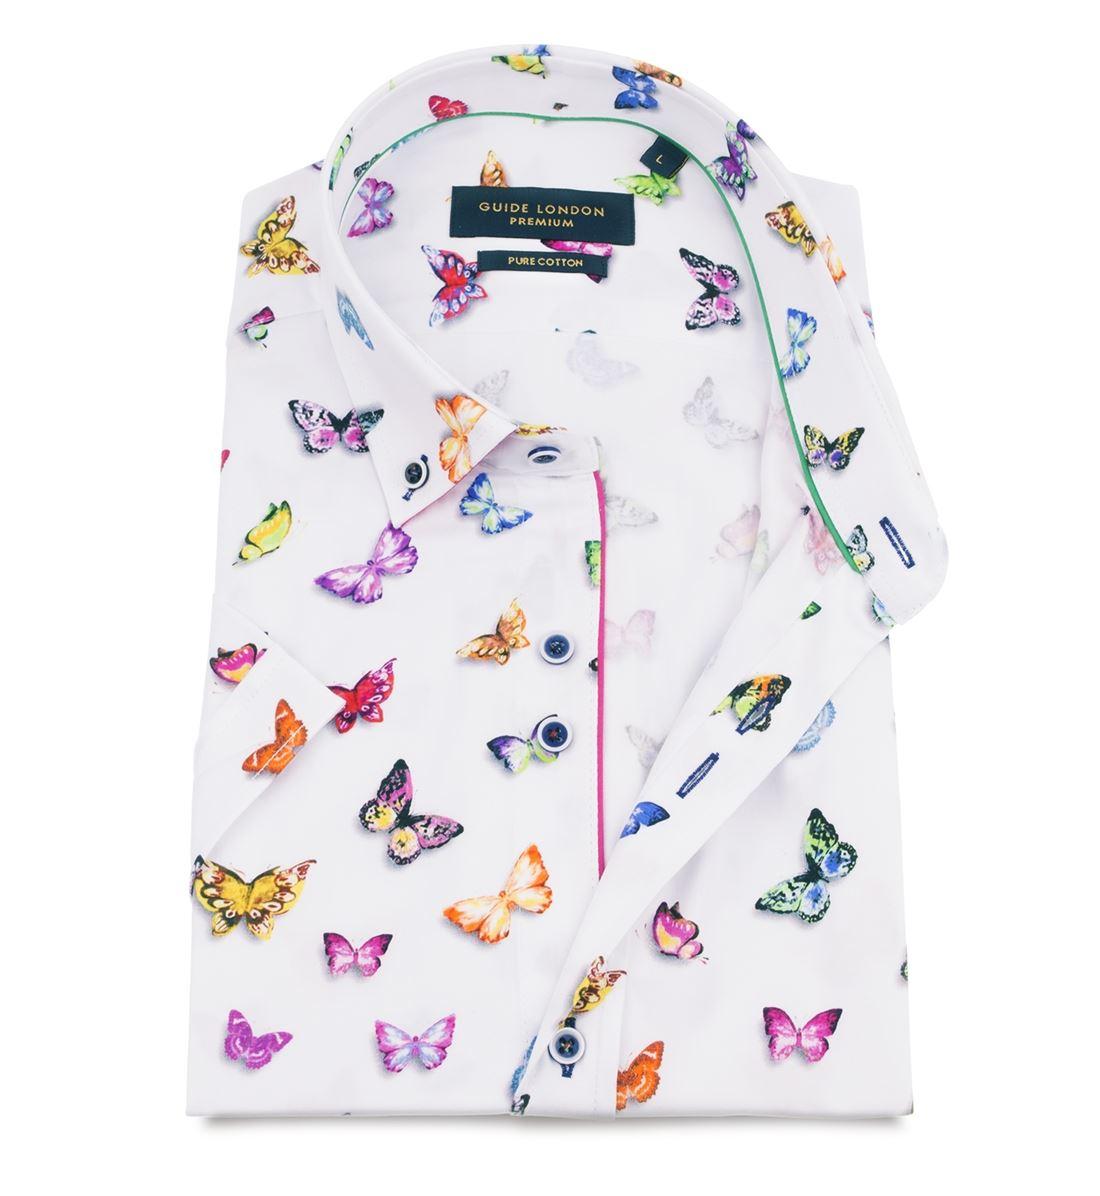 Guide London HS2300 Bianco Vibrante Stampa con Farfalla Farfalla Farfalla Cotone 43e9a3